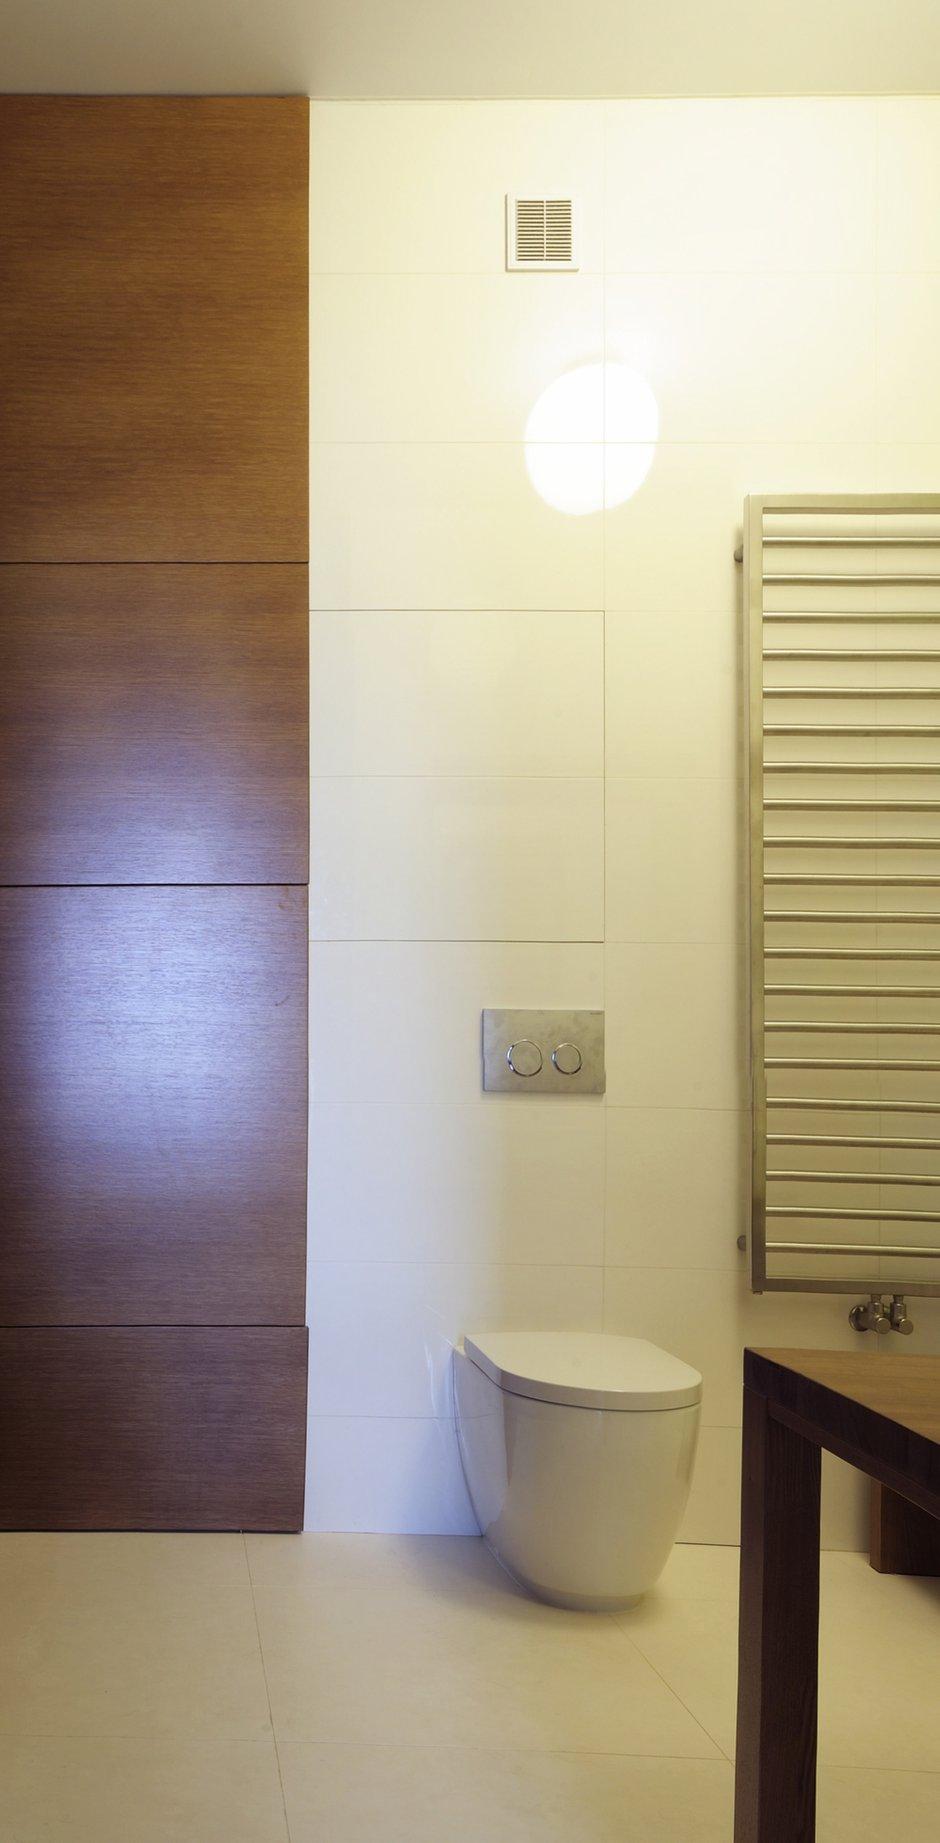 Фотография: Ванная в стиле Современный, Квартира, Calligaris, Дома и квартиры – фото на INMYROOM